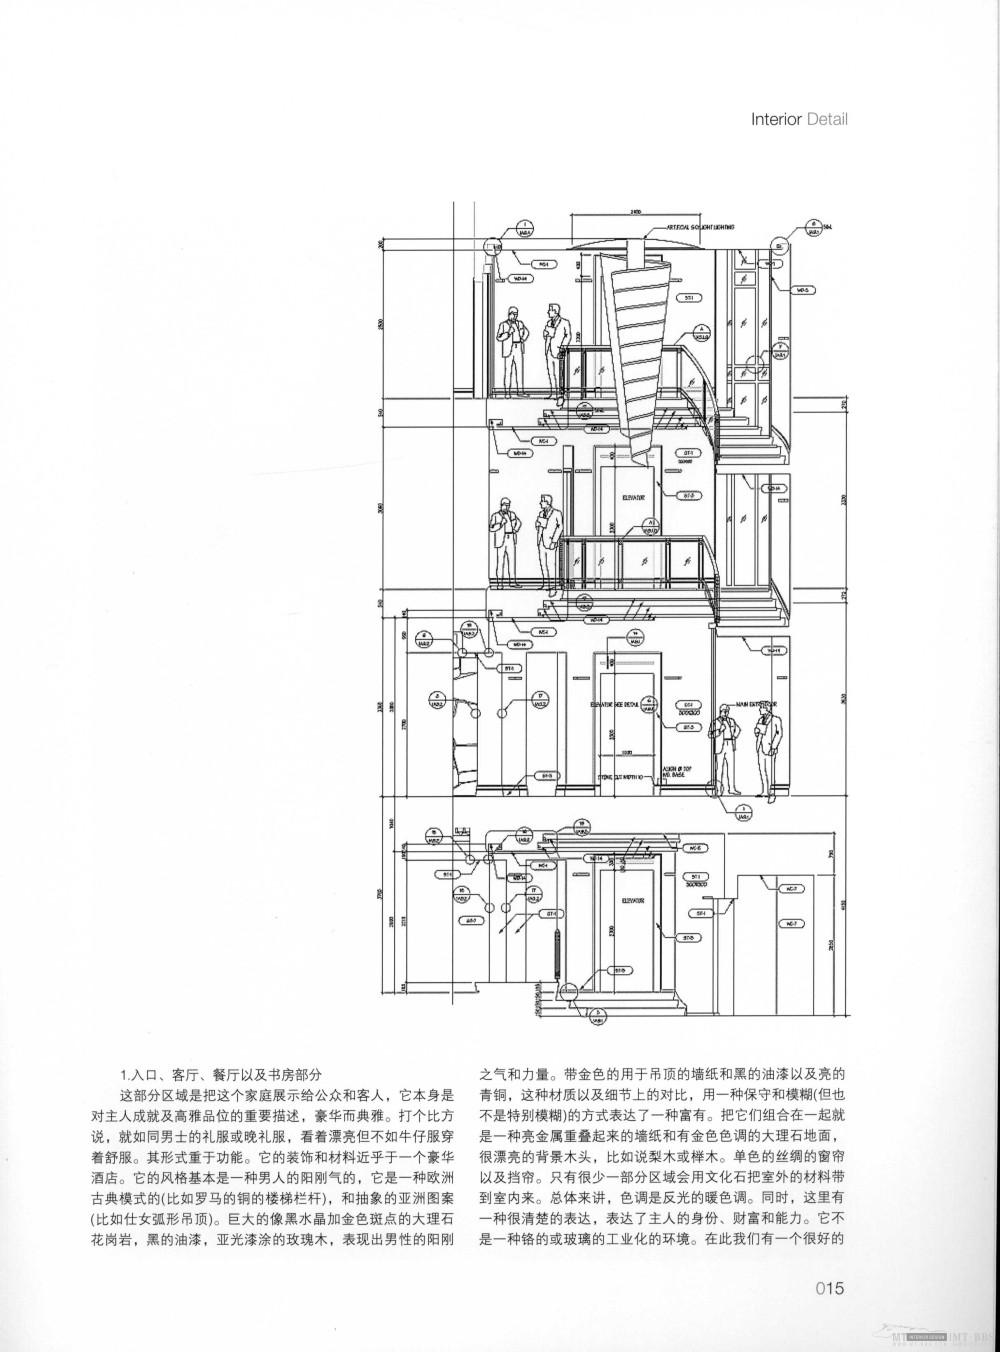 17本家装图册,已传完。_4 细部-个性家居_页面_010.jpg